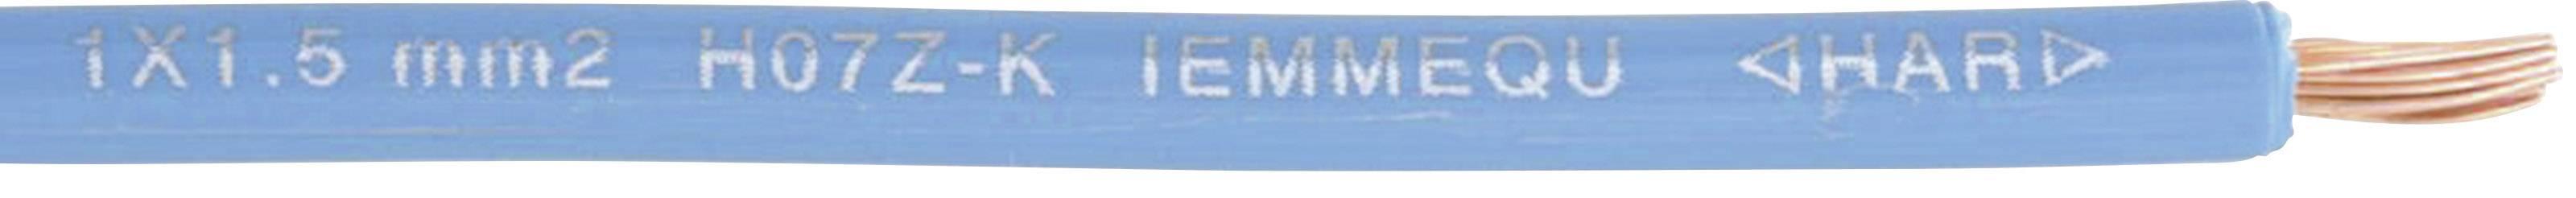 Pletenica H07Z-K 1 x 6 mm, črna Faber Kabel 040277 cena za meter